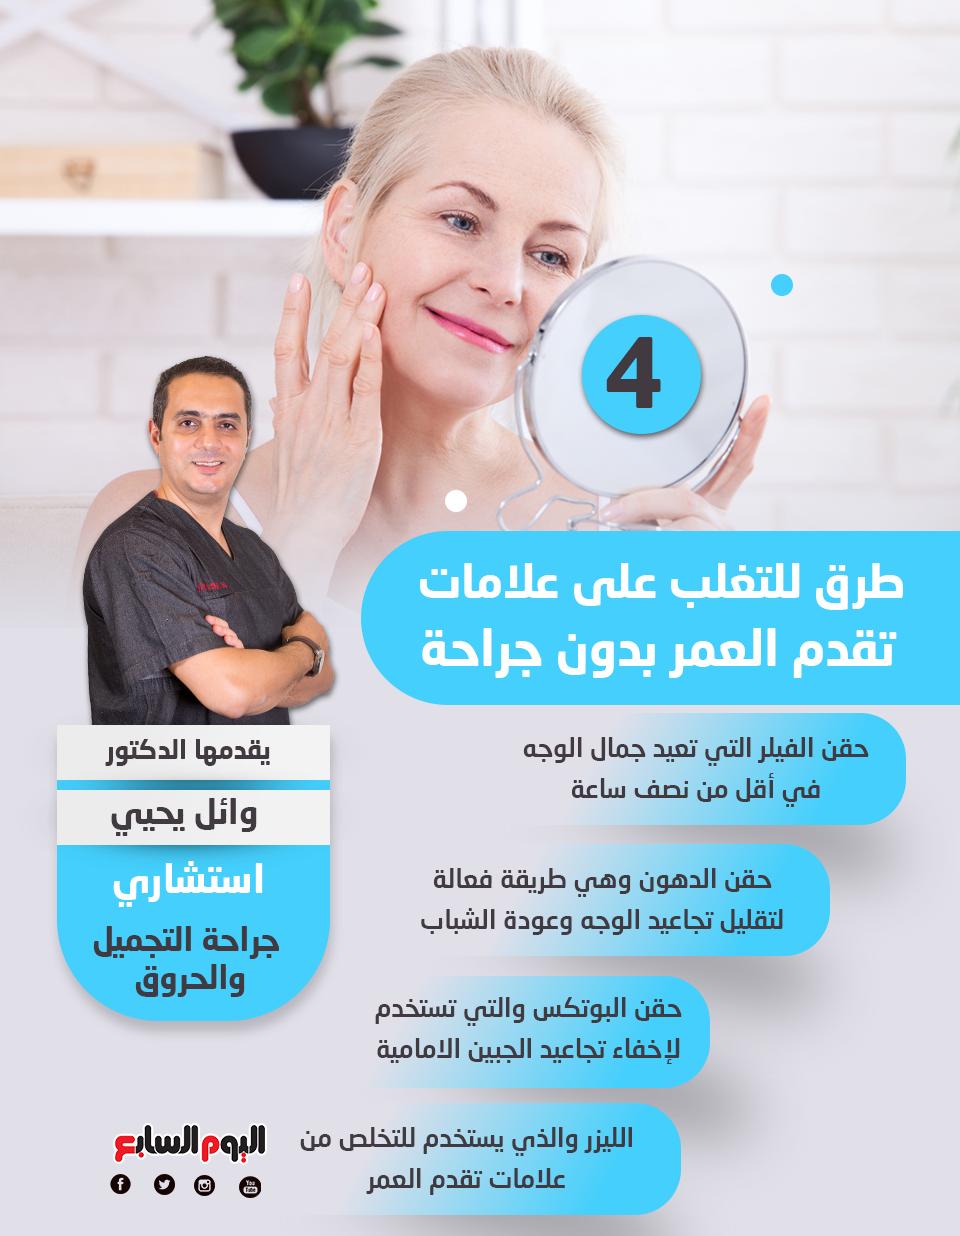 4 طرق للتغلب على علامات تقدم العمر بدون جراحة